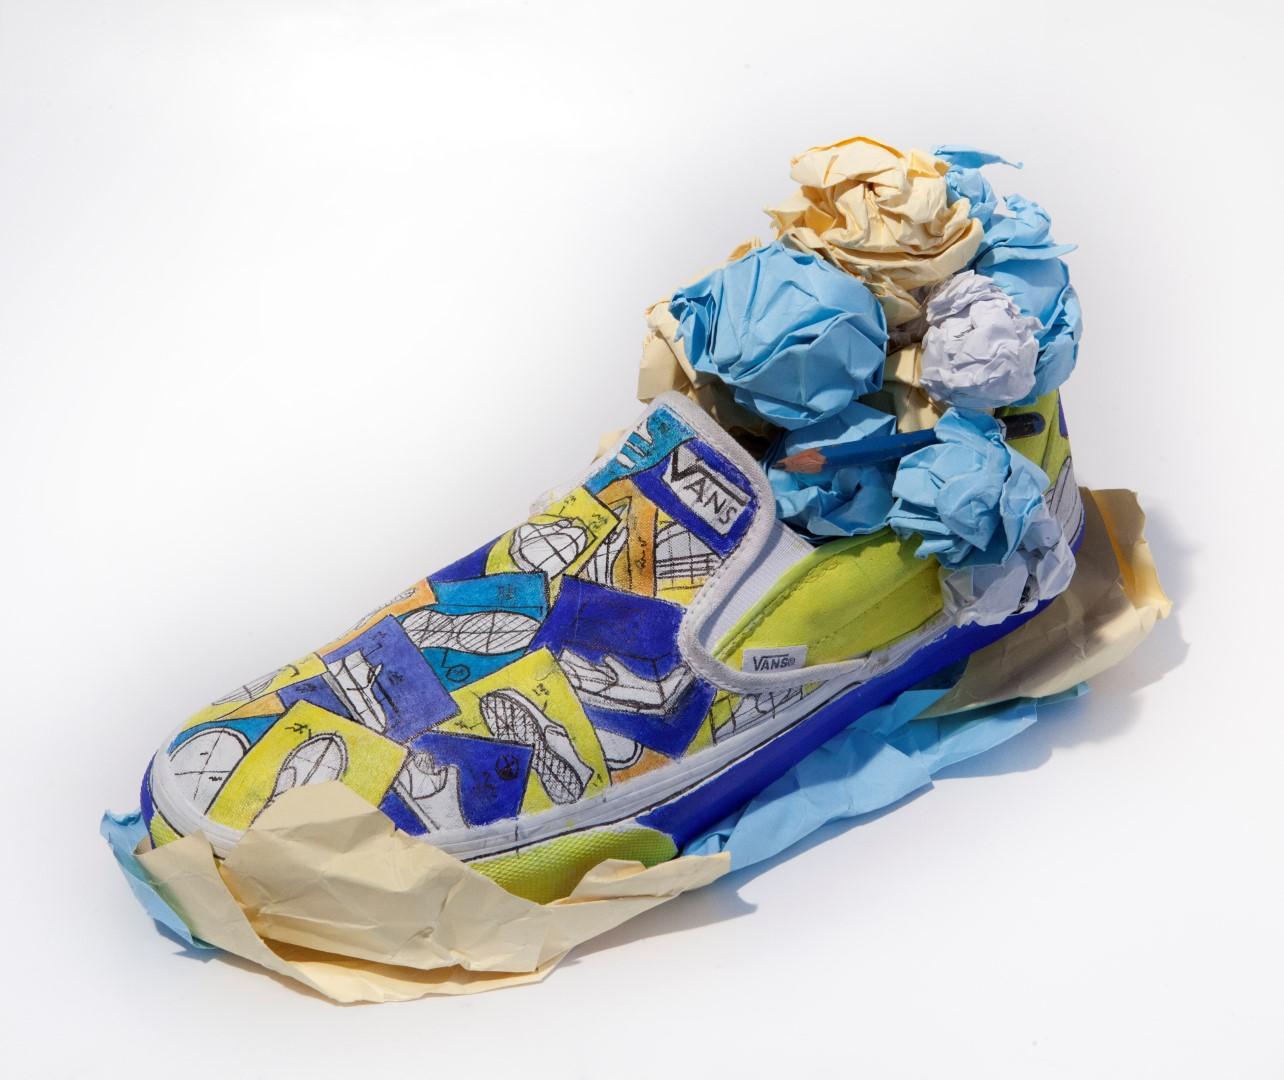 תערוכת נעליים מאוירות ומעוצבות – ואנס ו-HIT